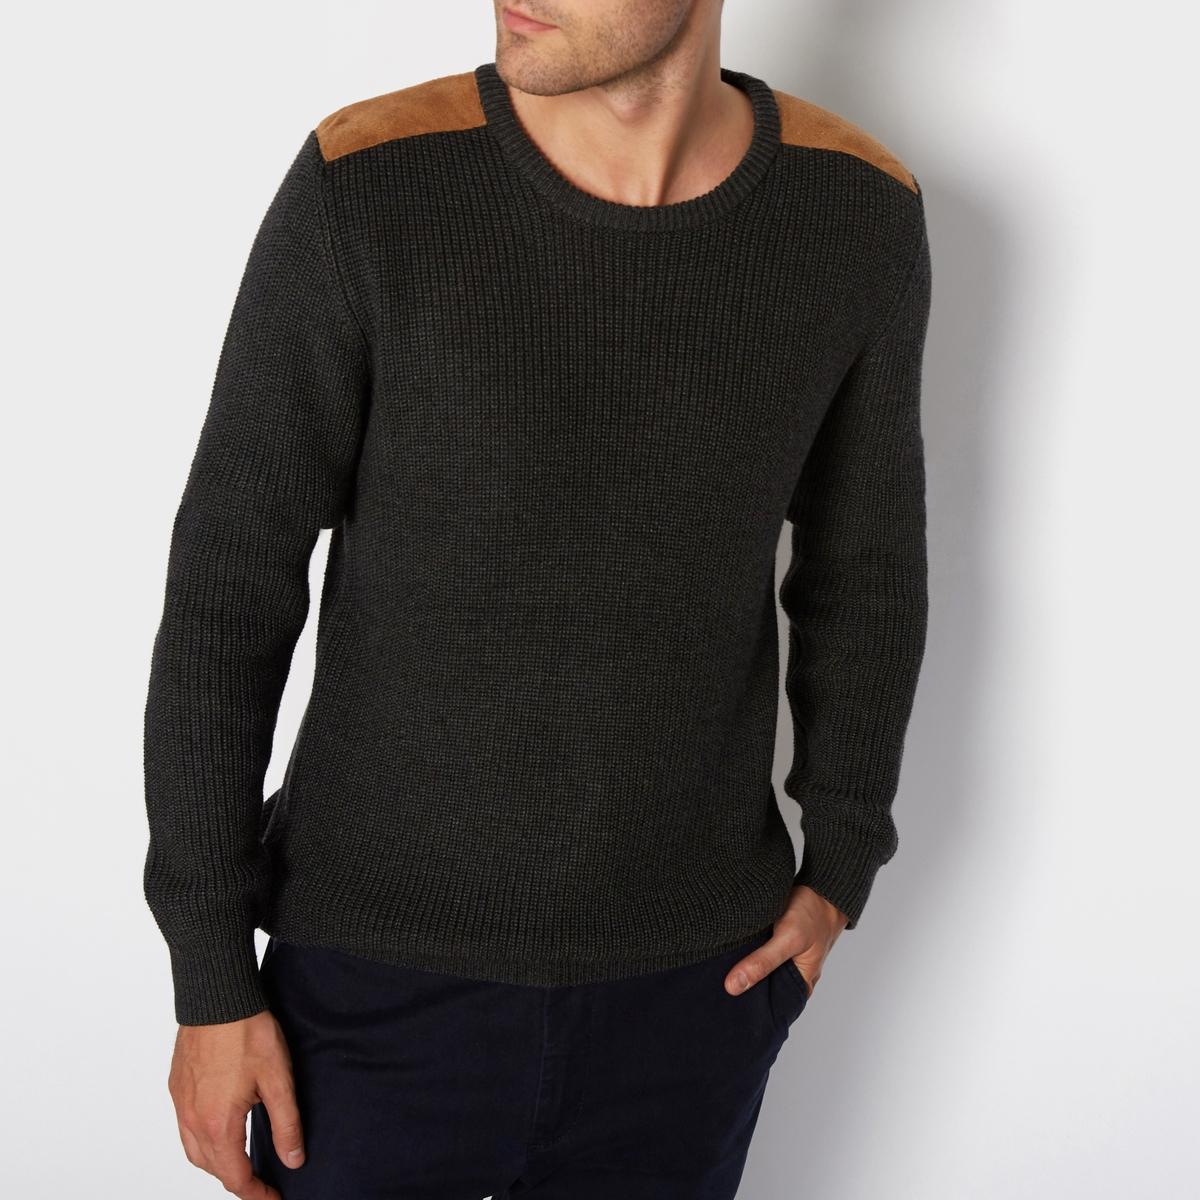 Пуловер из хлопка в рубчик, высокий воротник, вставки на плечахПуловер из хлопка в рубчик, высокий воротник, вставки на плечах, R edition.Стильный пуловер, 100% хлопок, вставки из искусственной замши на плечах. Можно носить на голое тело или с футболкой и наслаждаться комфортом.Материал : 100% хлопок Длинные рукава.  Круглый вырез. Вставки из искусственной замши на плечах.<br><br>Цвет: серый<br>Размер: M